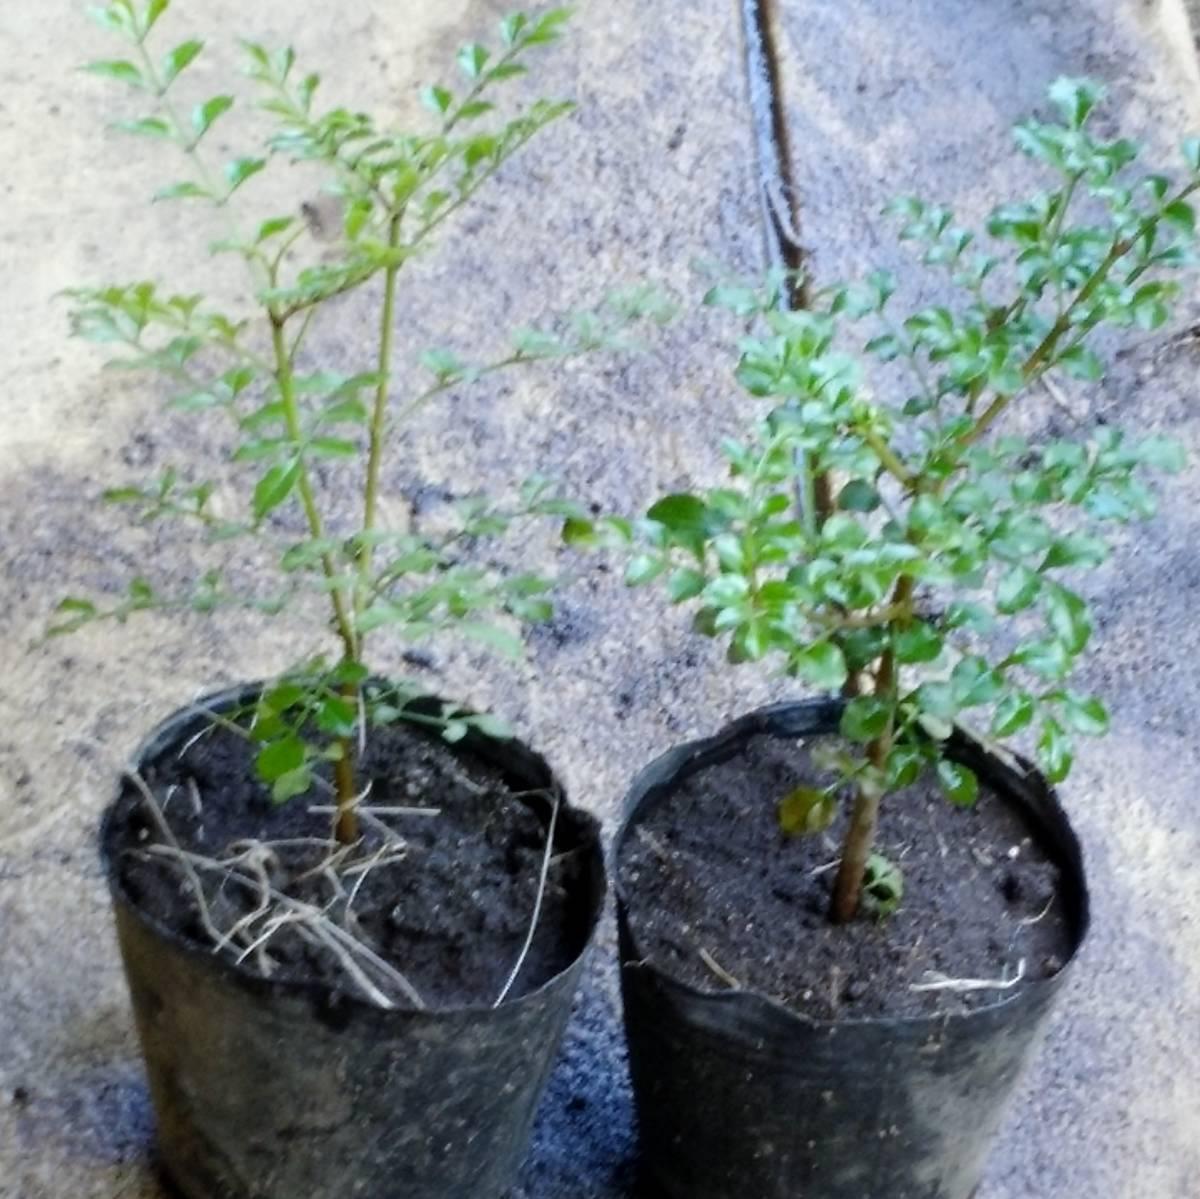 ◆育ててシンボルツリーに 苗【シマトネリコ】15~20センチ程度 鉢植え 苗木 ポット 庭木・目隠しにガーデニング しまとねりこ _画像1